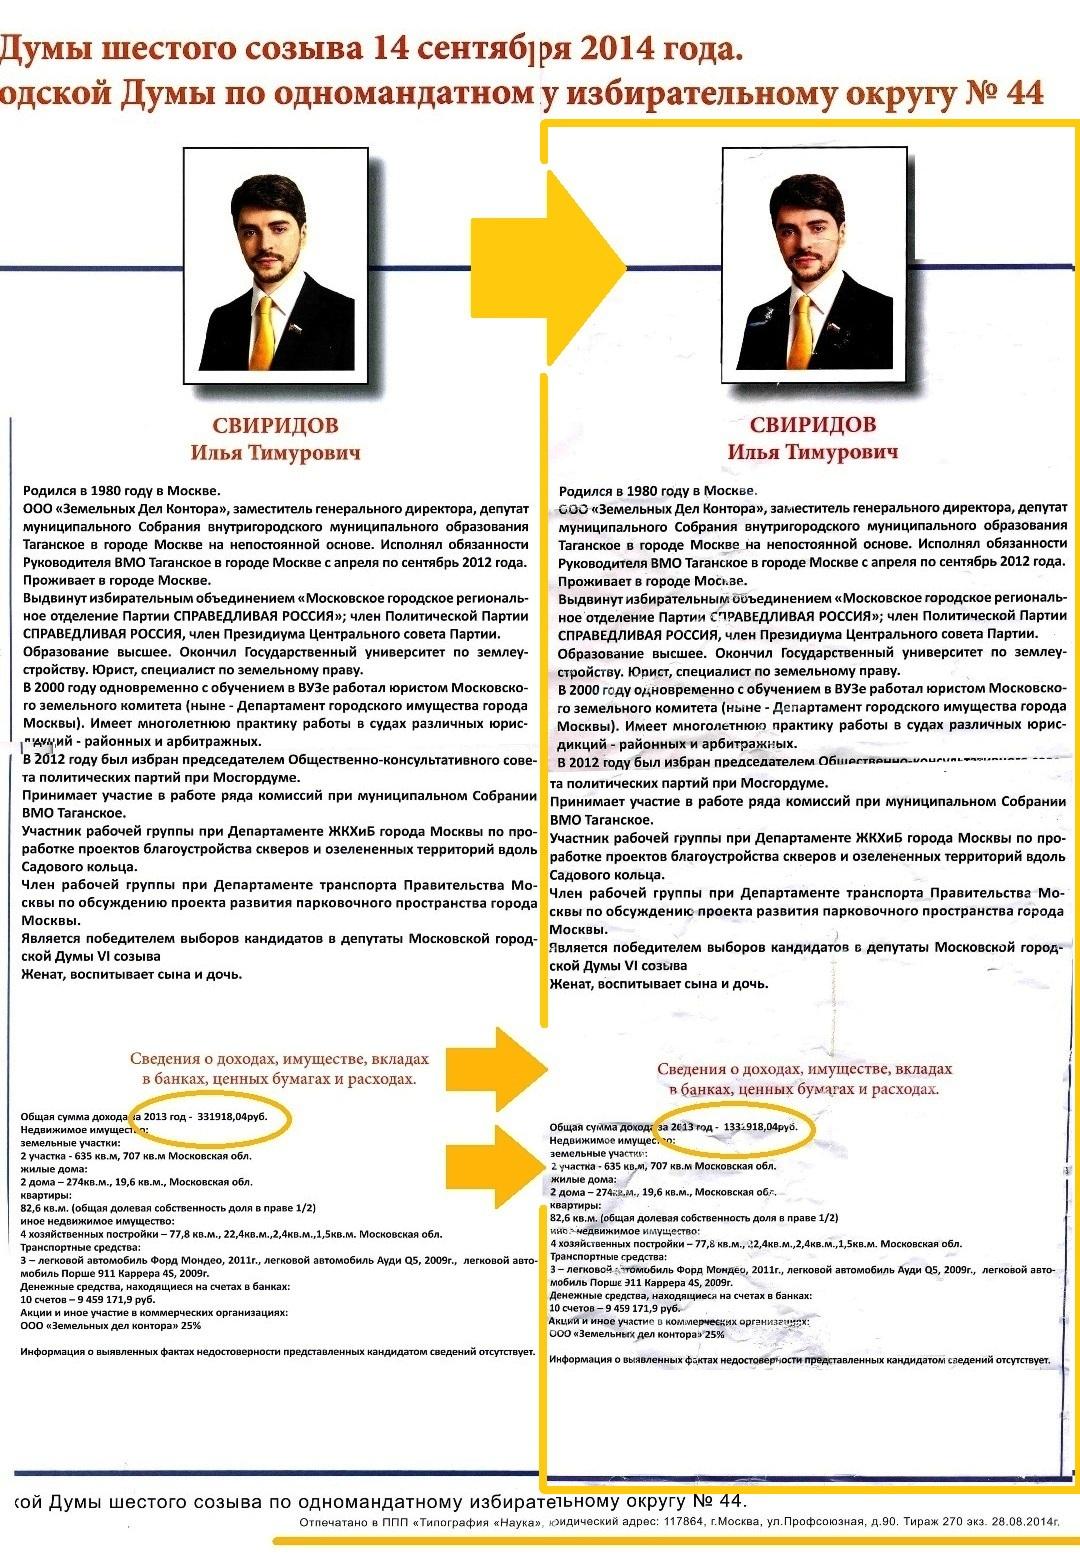 Сведения о доходах Ильи Свиридова — официальная информация Избирательной комиссии